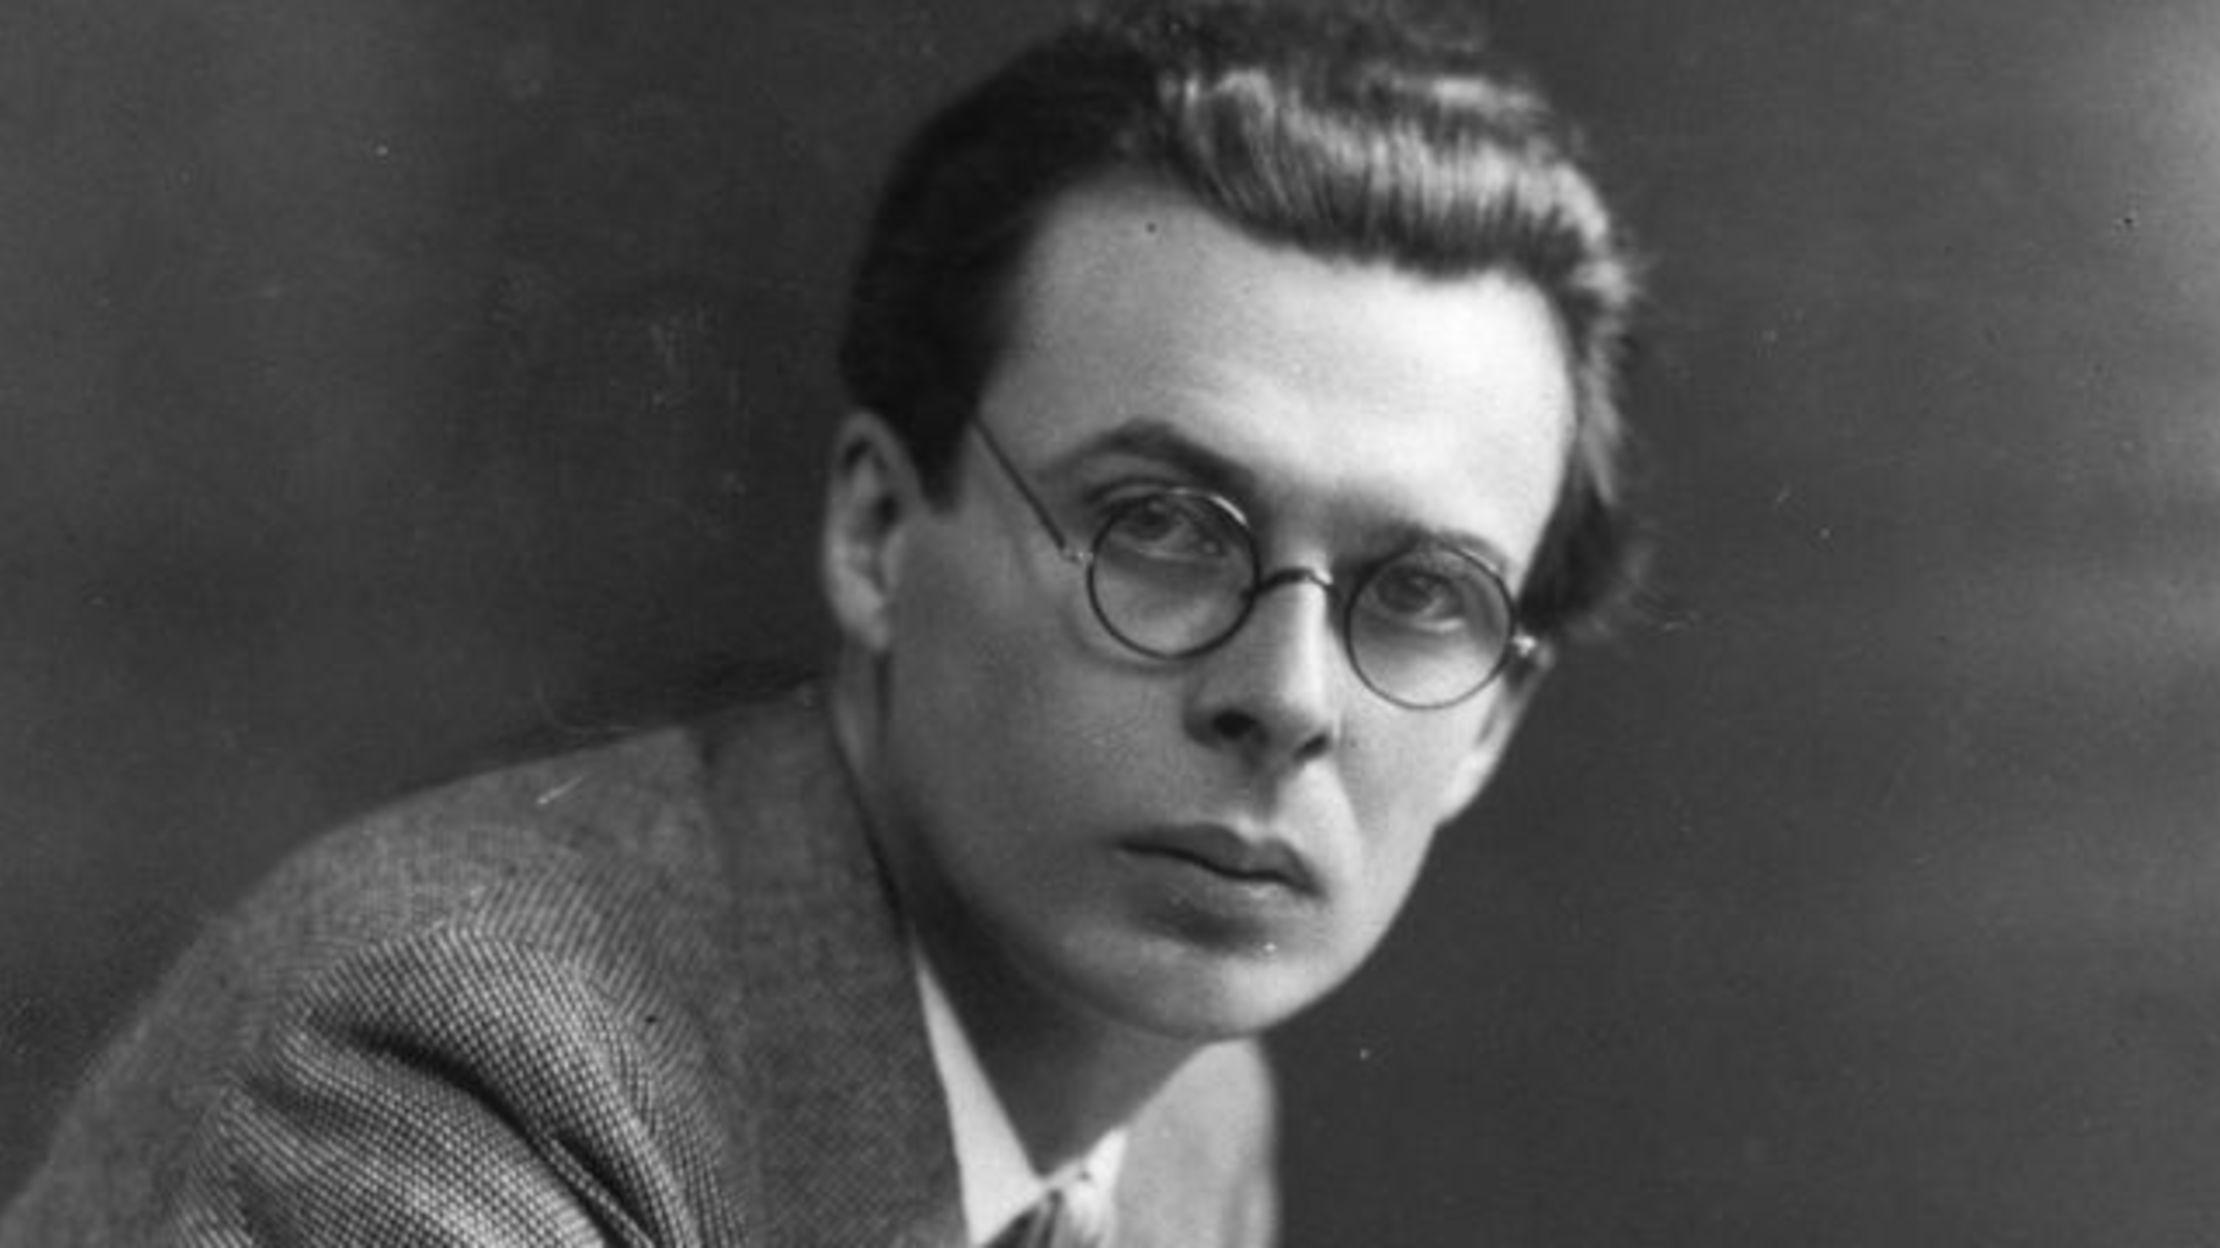 10 Dystopian Facts about Aldous Huxley | Mental Floss